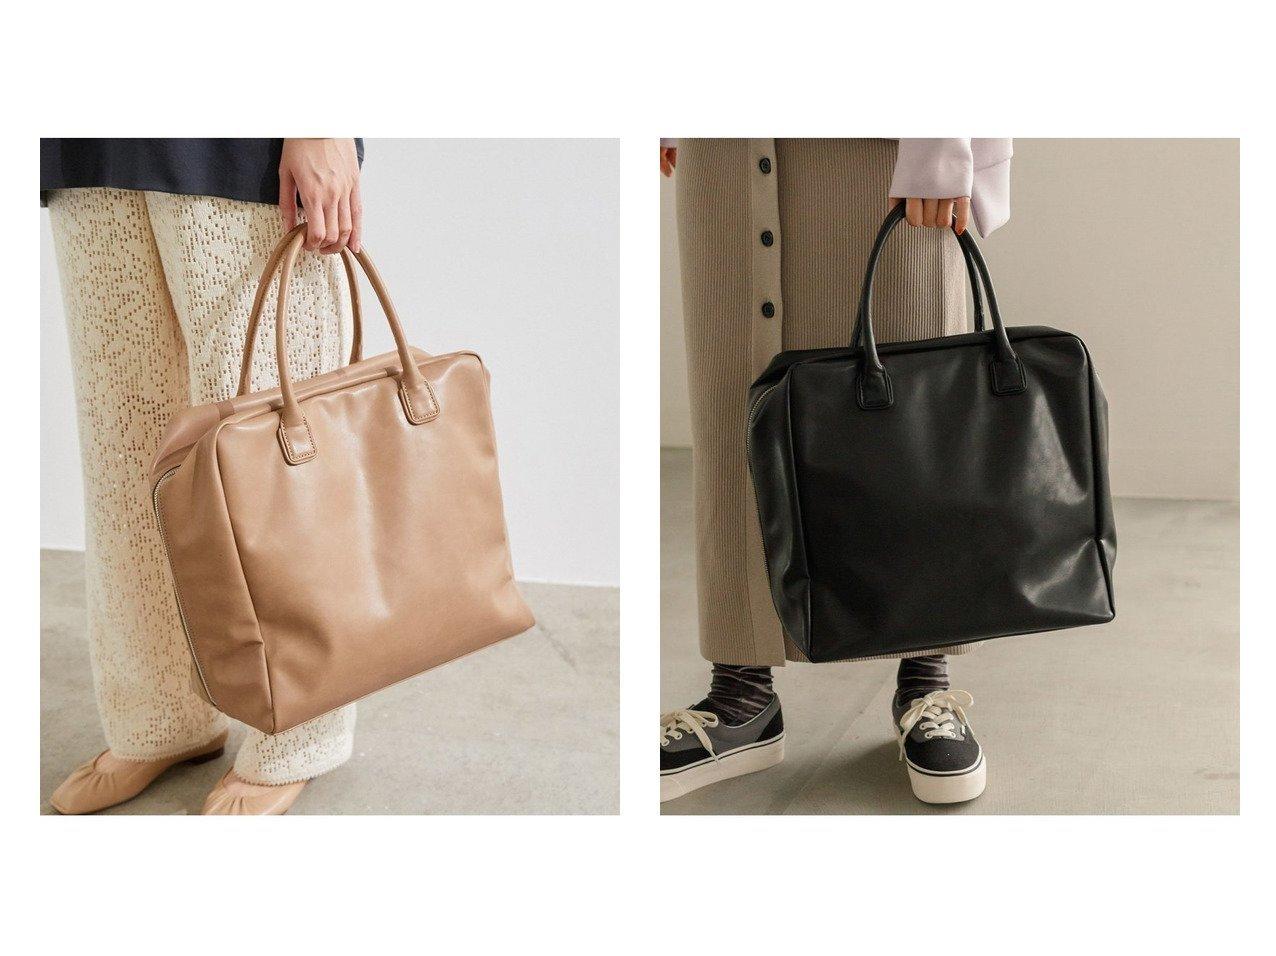 【Adam et Rope/アダム エ ロペ】のソフトビックボストン バッグ・鞄のおすすめ!人気、トレンド・レディースファッションの通販 おすすめで人気の流行・トレンド、ファッションの通販商品 メンズファッション・キッズファッション・インテリア・家具・レディースファッション・服の通販 founy(ファニー) https://founy.com/ ファッション Fashion レディースファッション WOMEN A/W 秋冬 AW Autumn/Winter / FW Fall-Winter シンプル ボストンバッグ |ID:crp329100000015343